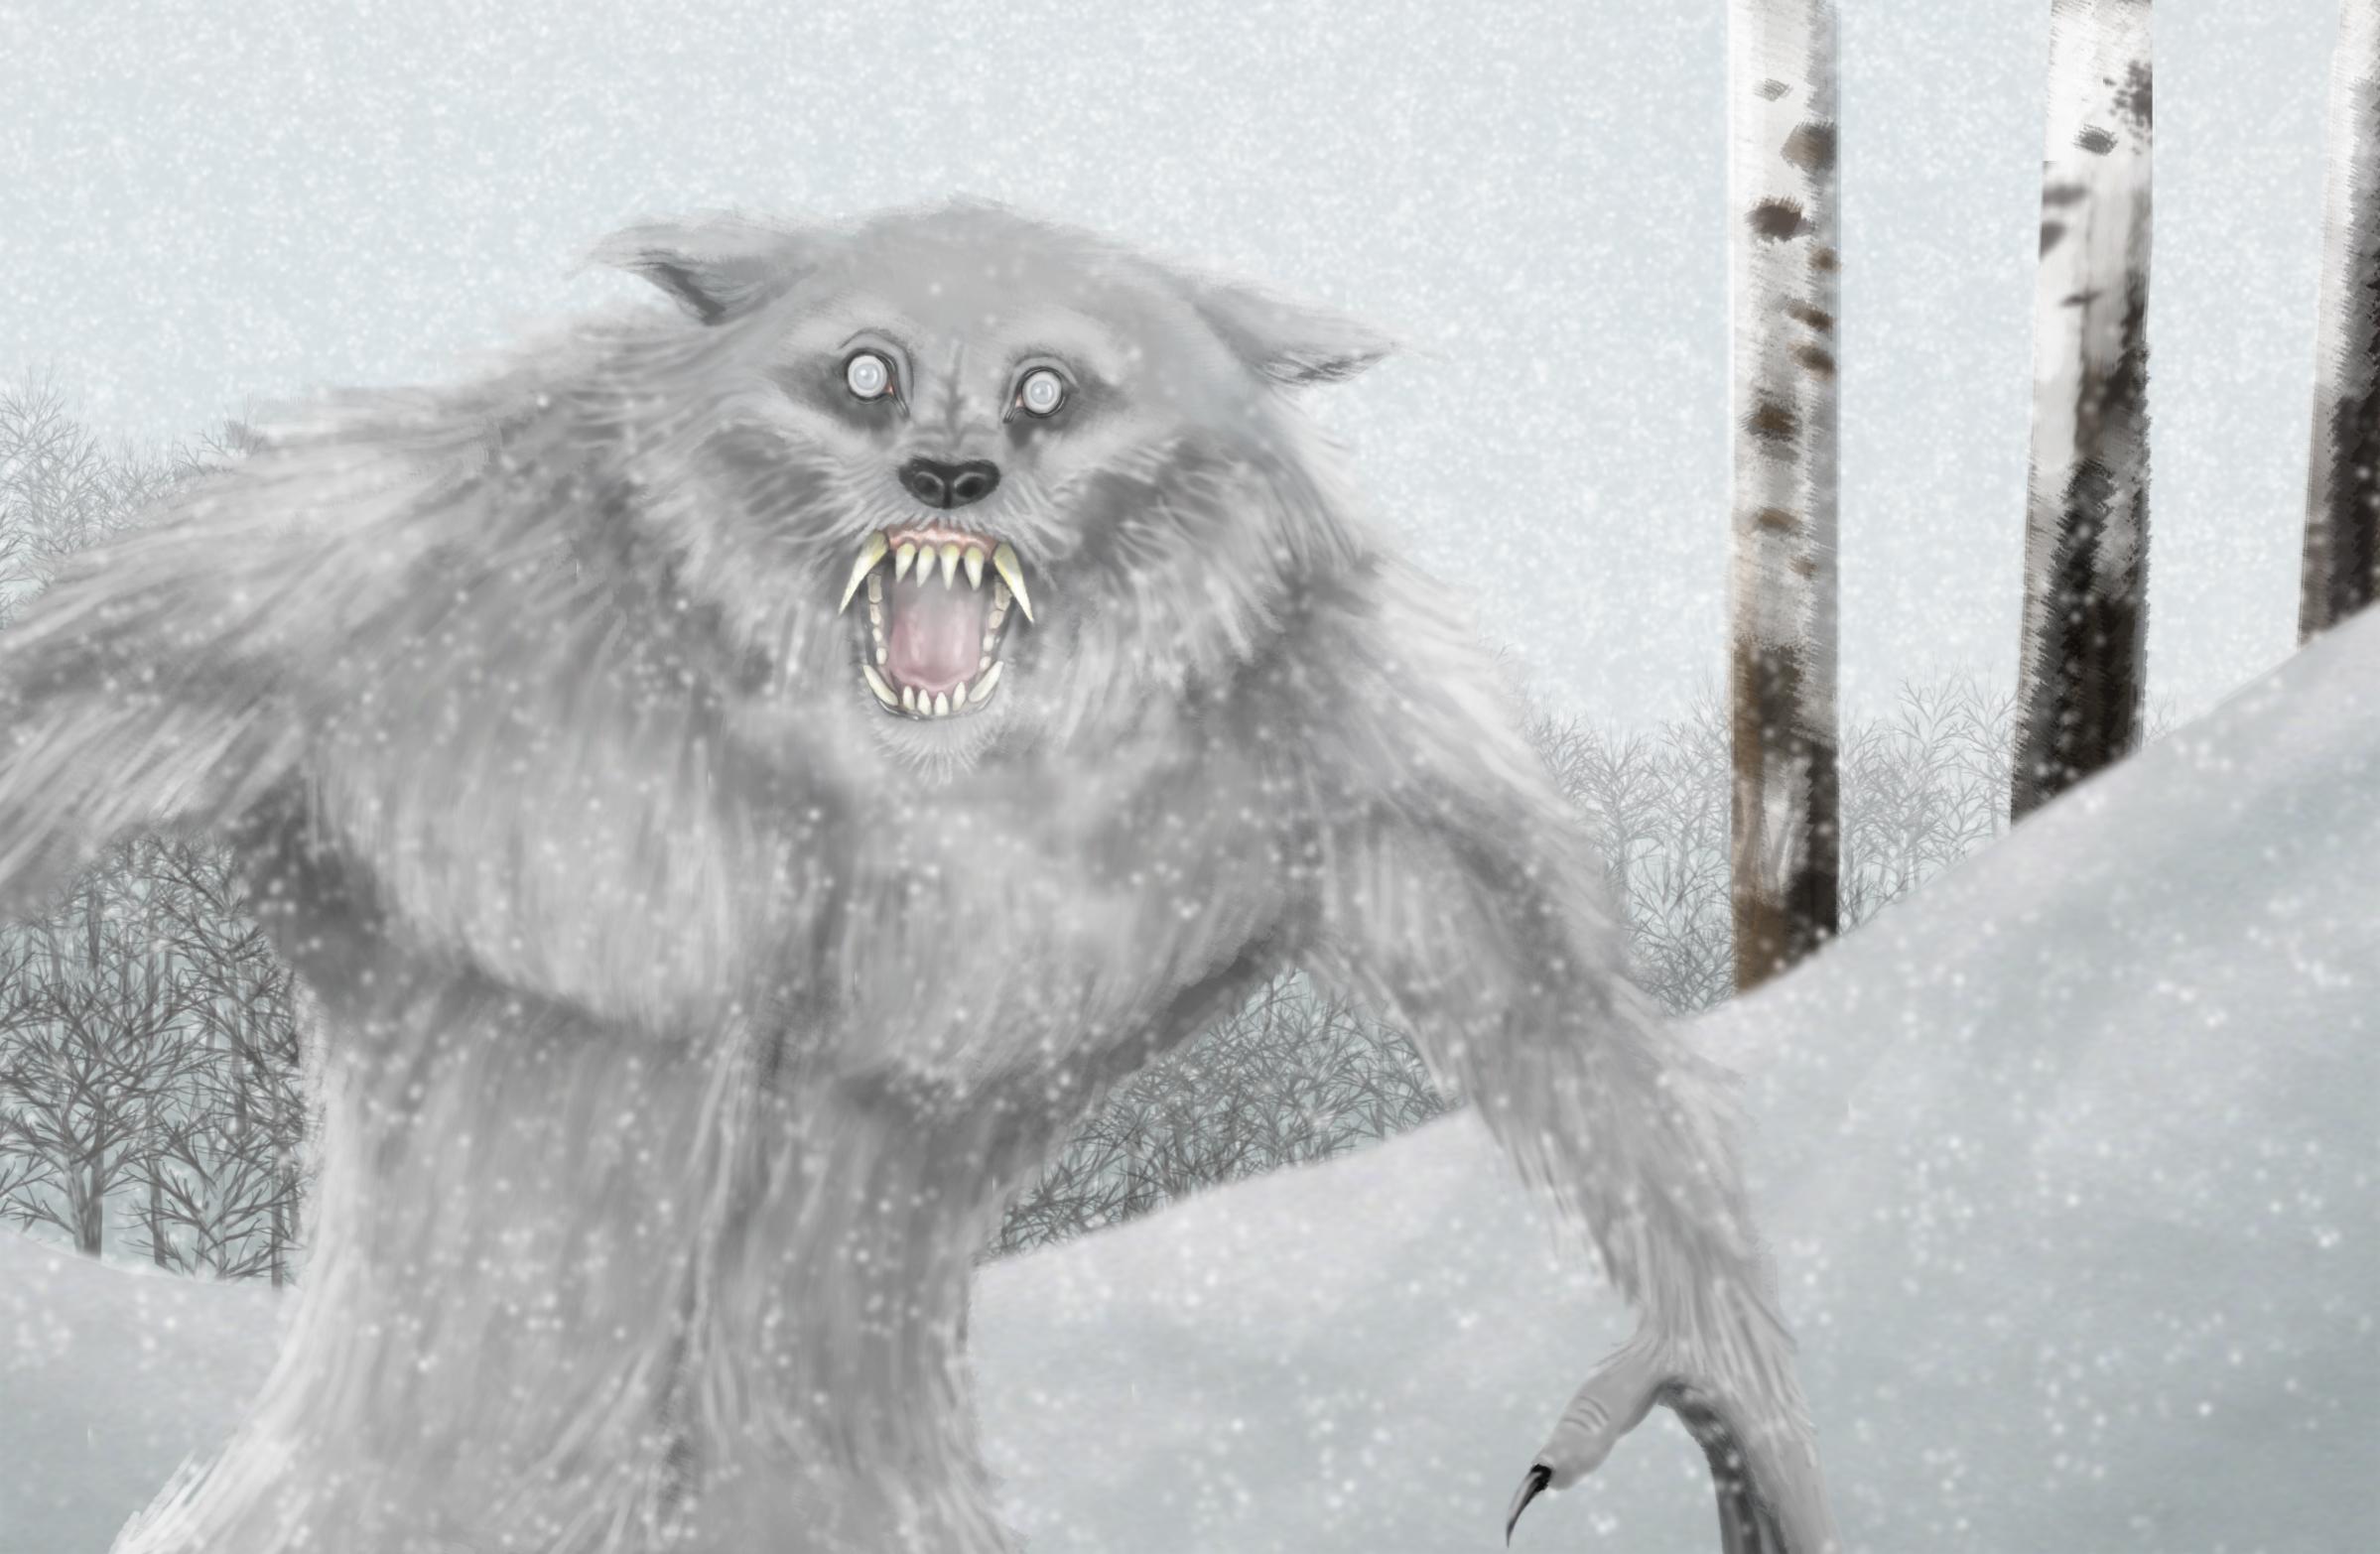 Werewolf in the Snow